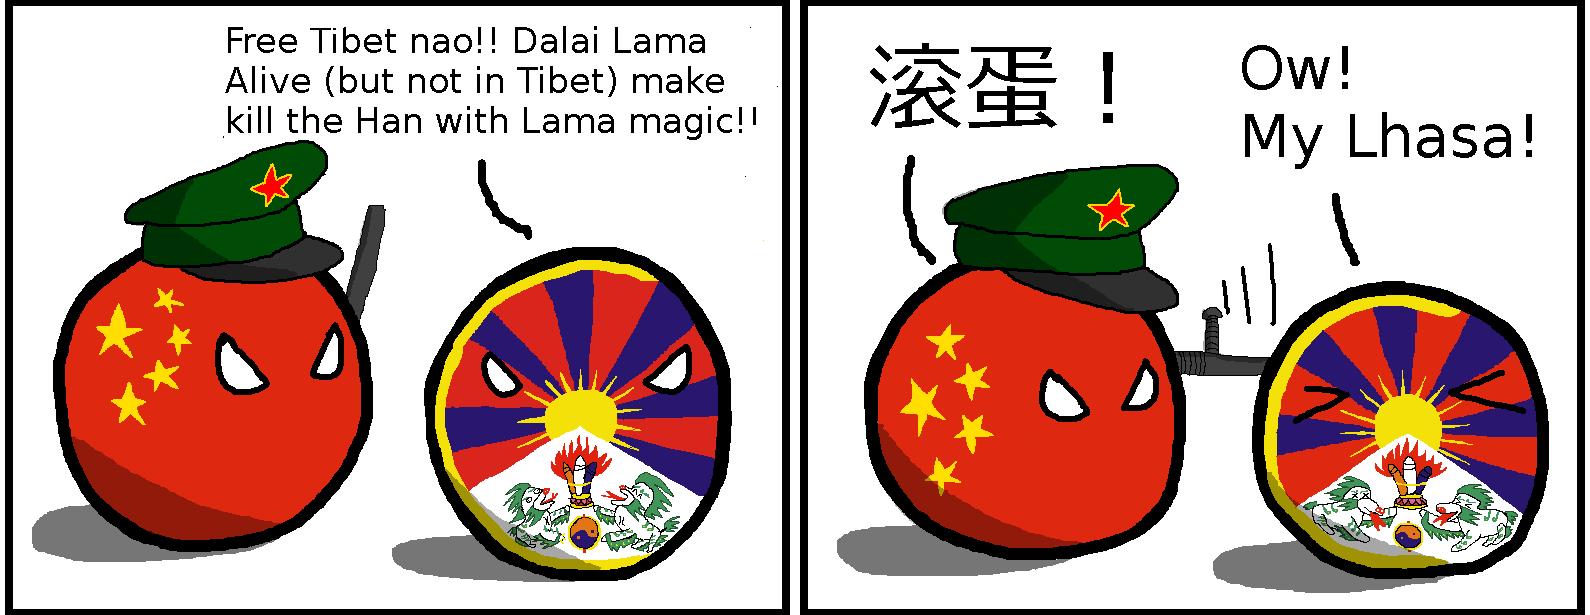 1959 Tibetan uprising